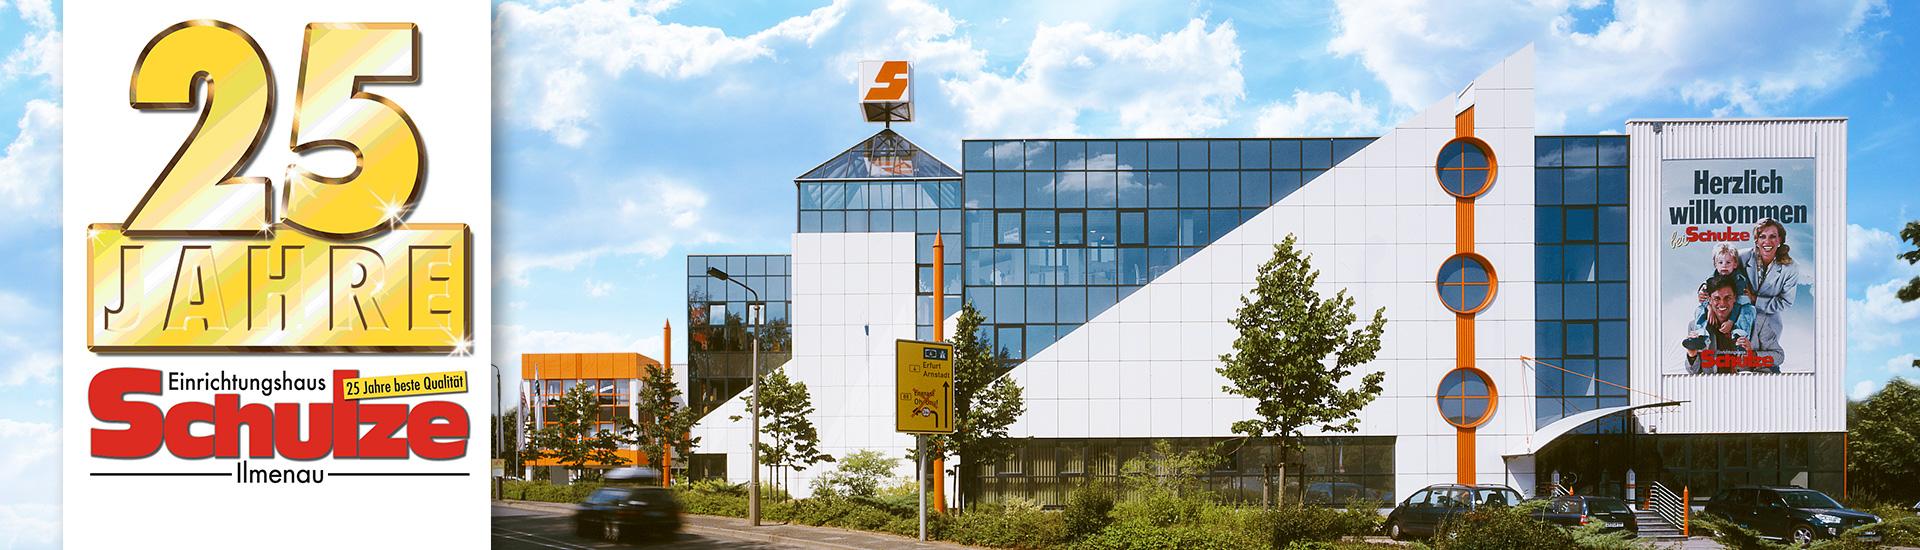 Nachrichten Möbel Schulze - 25 Jahre Einrichtungshaus Schulze Ilmenau